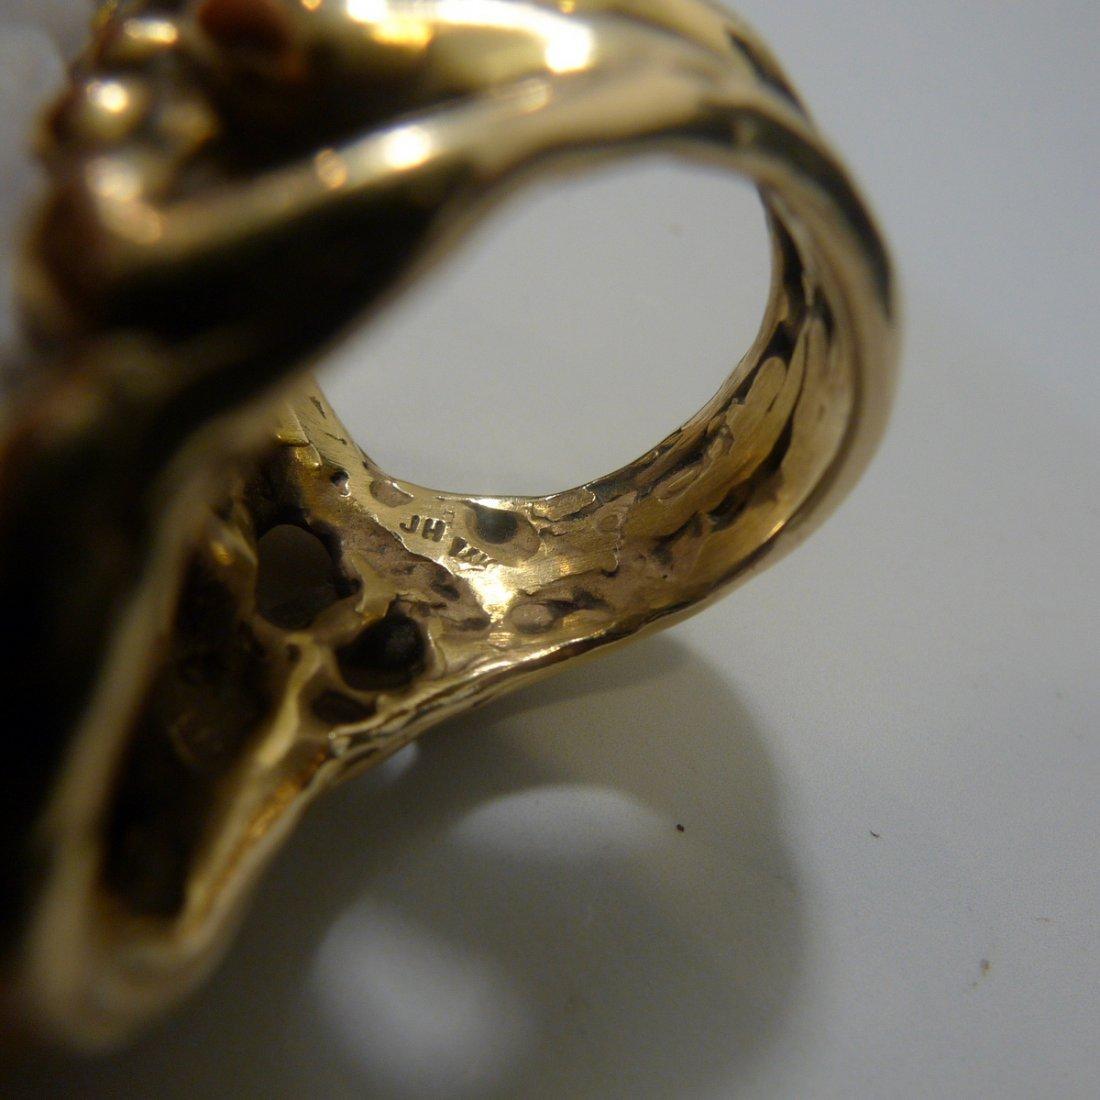 IMPRESSIVE LAVENDER JADEITE RING 14K GOLD JOHN HARDY - 7